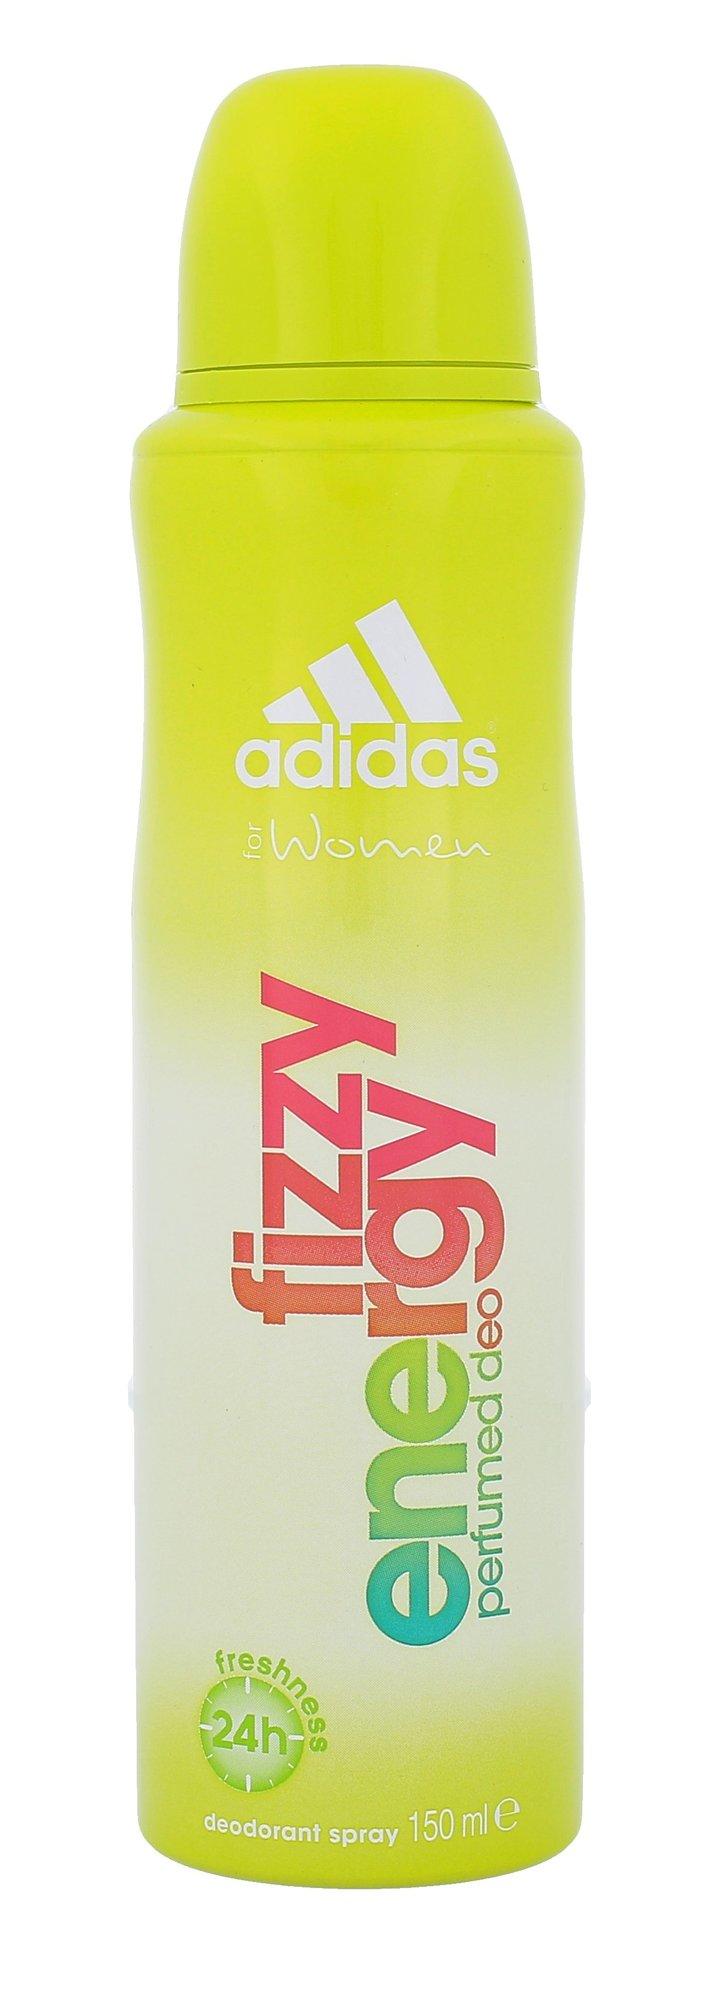 Dezodorantas Adidas Fizzy Energy